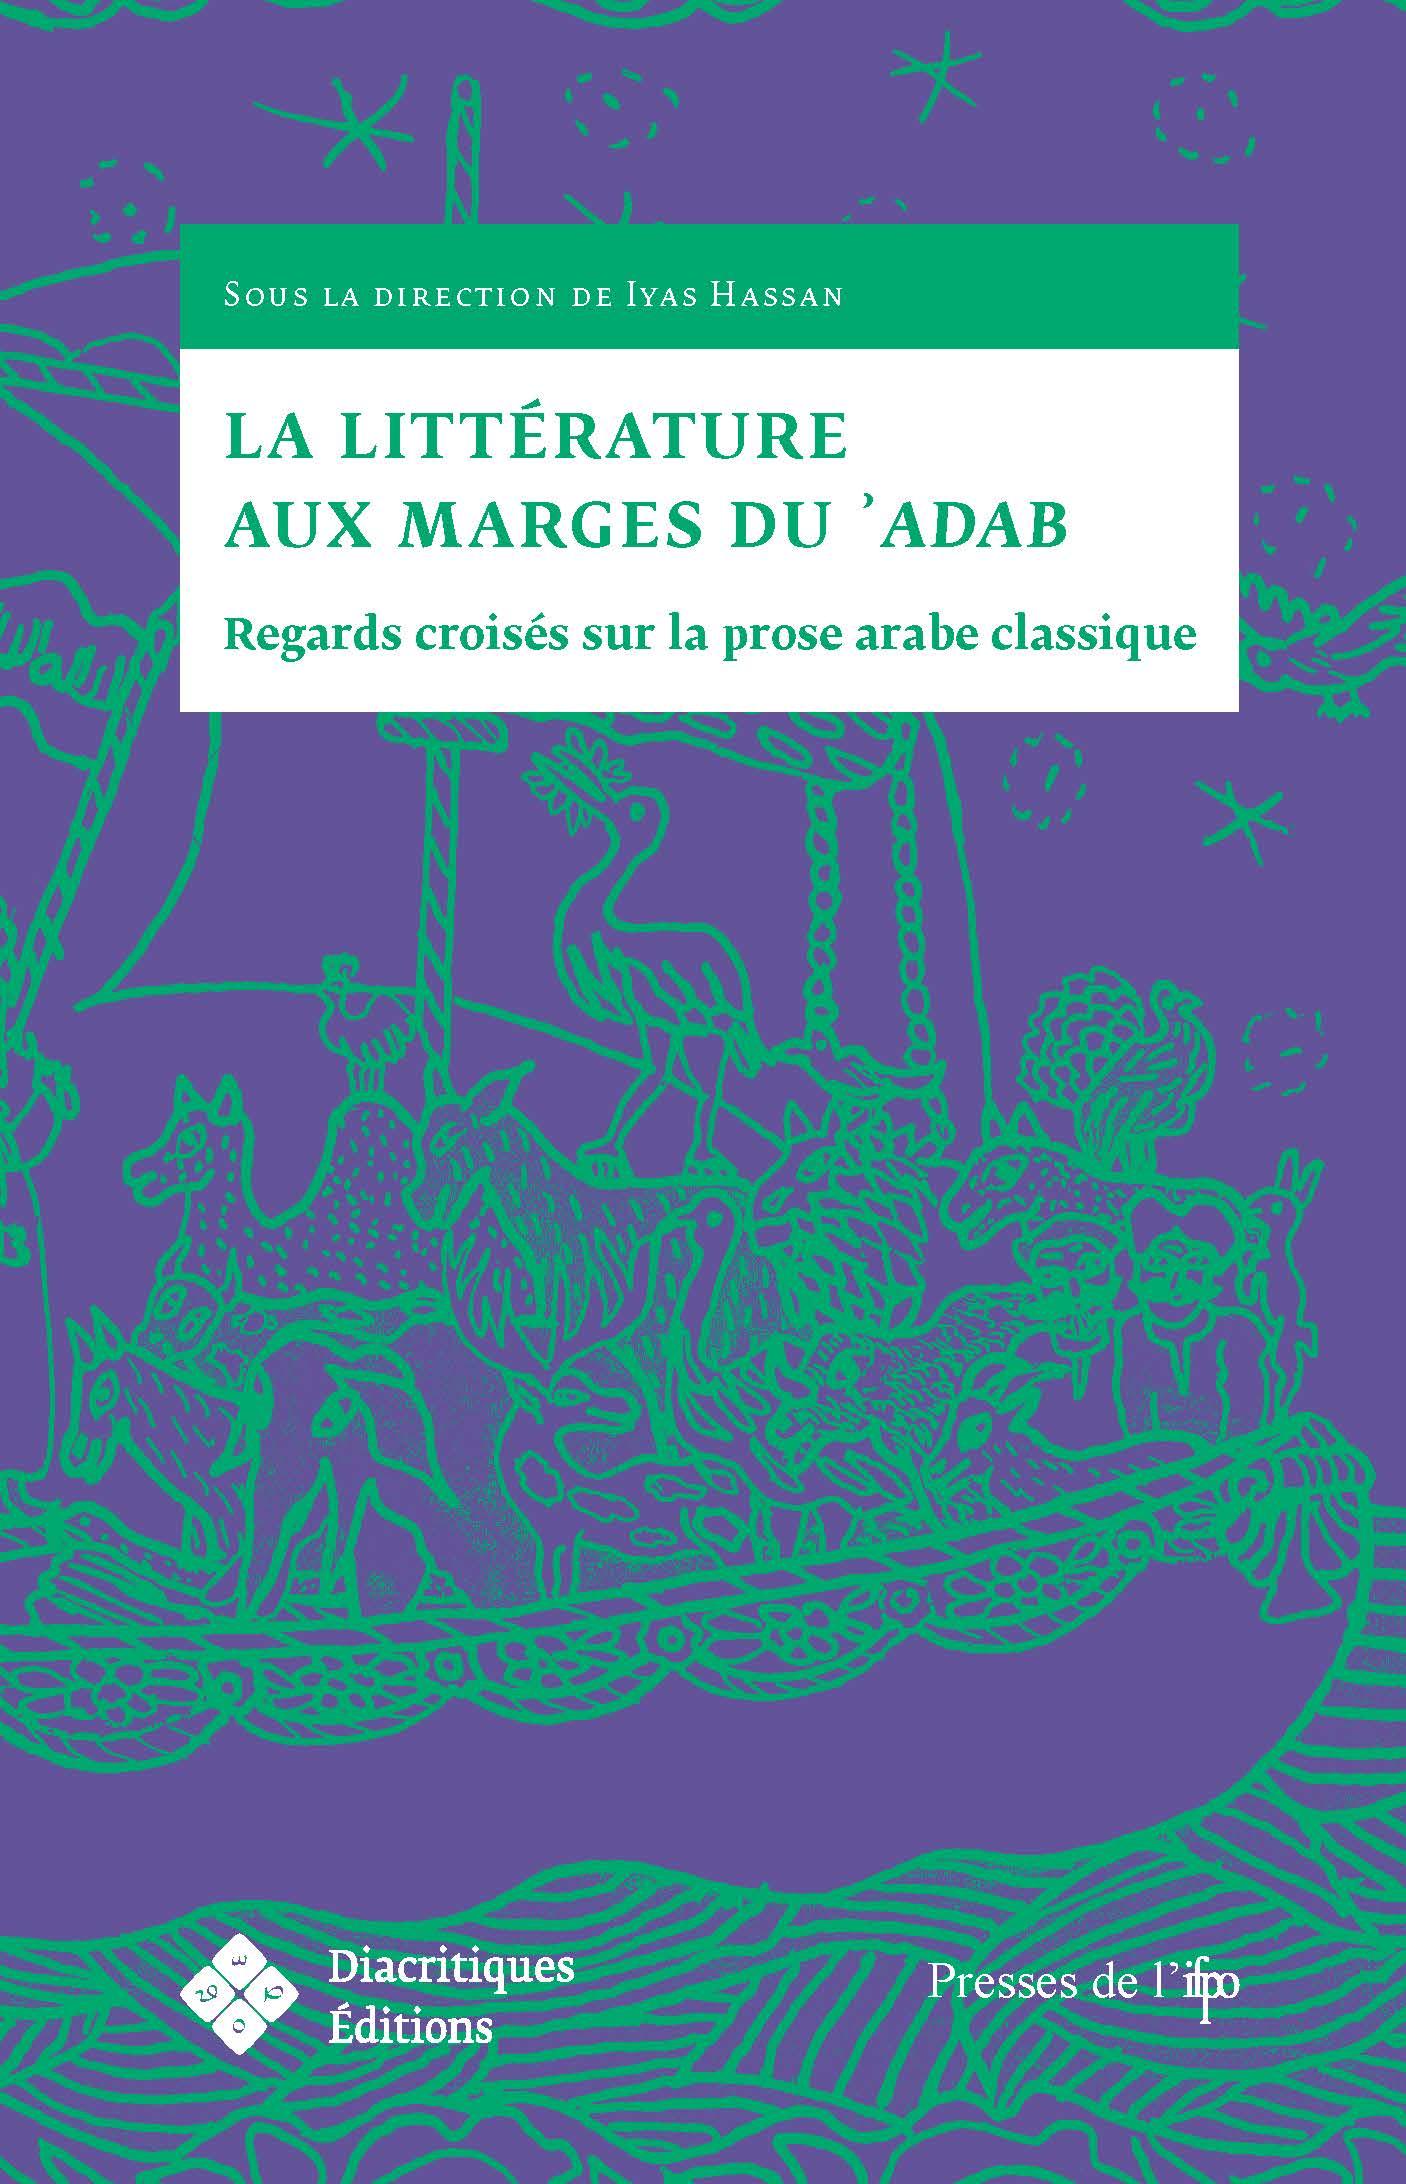 La littérature aux marges du ʾadab